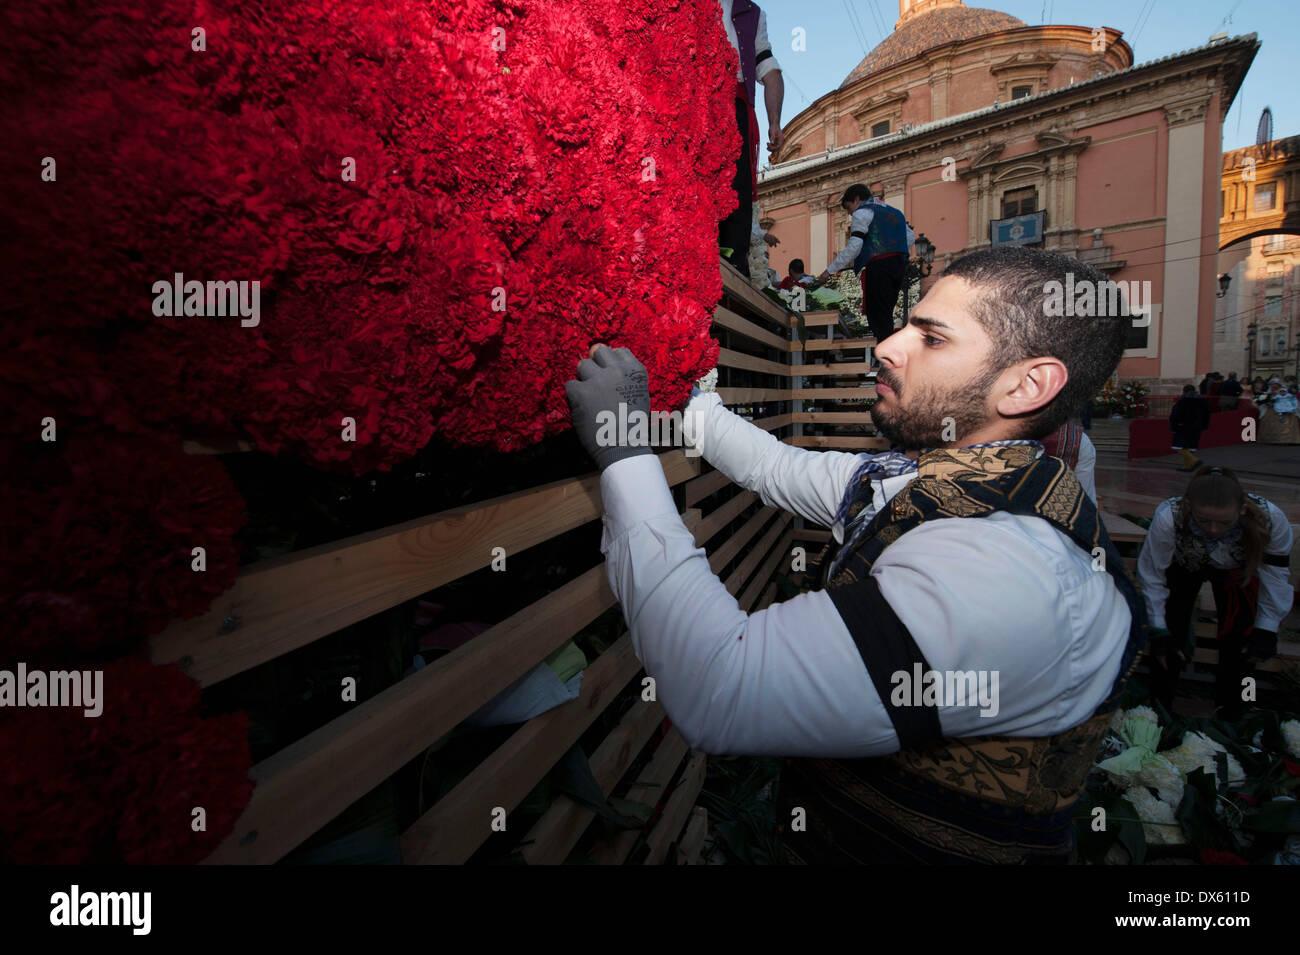 Valencia, Spagna. Xviii Mar, 2014. Un uomo decora la gigantesca scultura della Vergine con fiori durante il Fallas Foto Stock